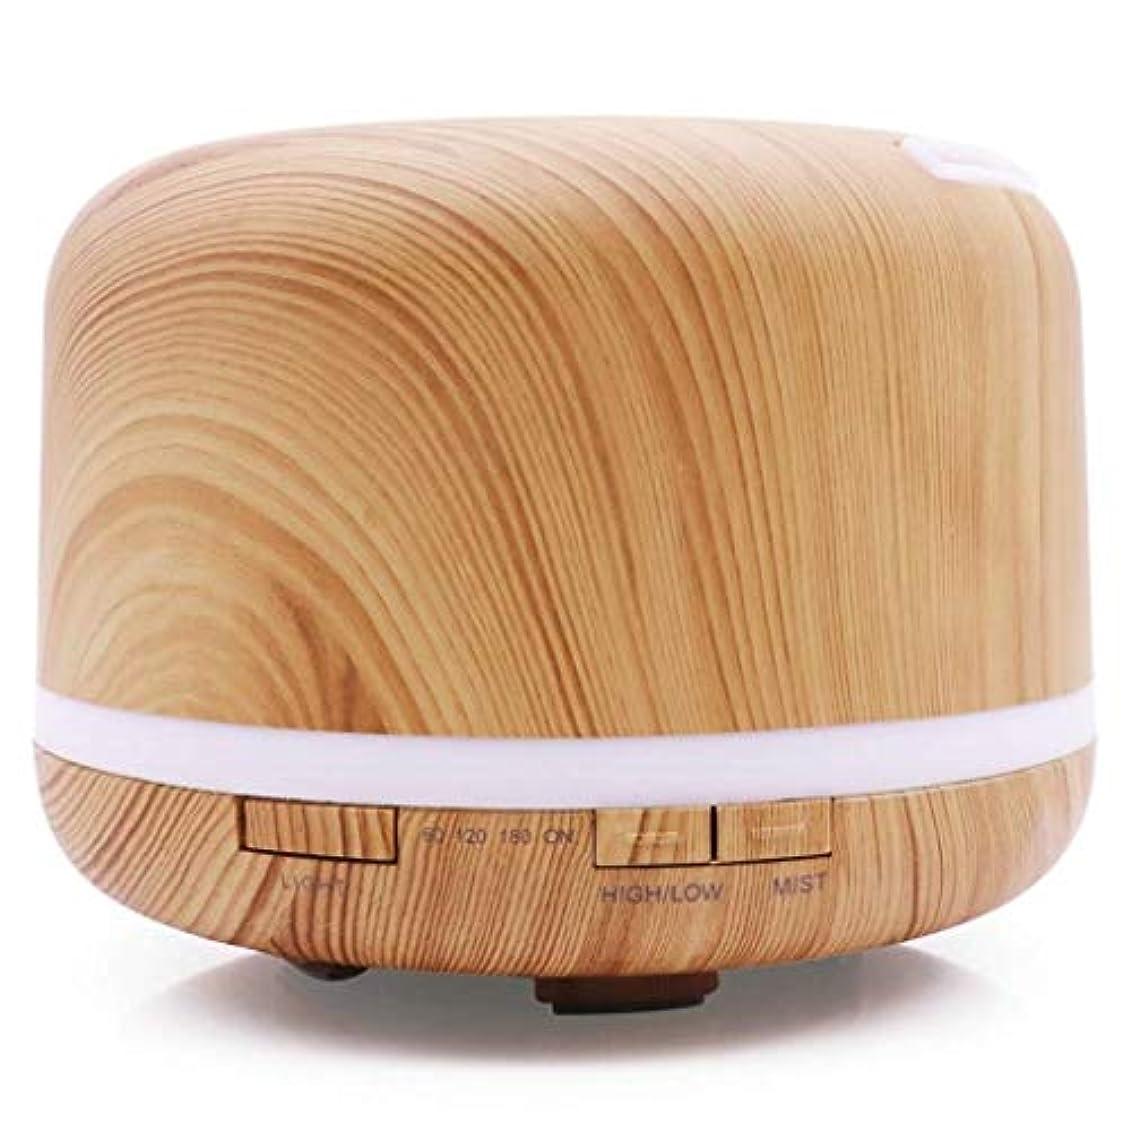 賞賛する泣き叫ぶ余計なアロマテラピーディフューザー、調整可能なミスト付き500ml超音波エッセンシャルオイルディフューザー、自動シャットオフギフト付き女性用加湿器ディフューザー (Color : Wood Grain)